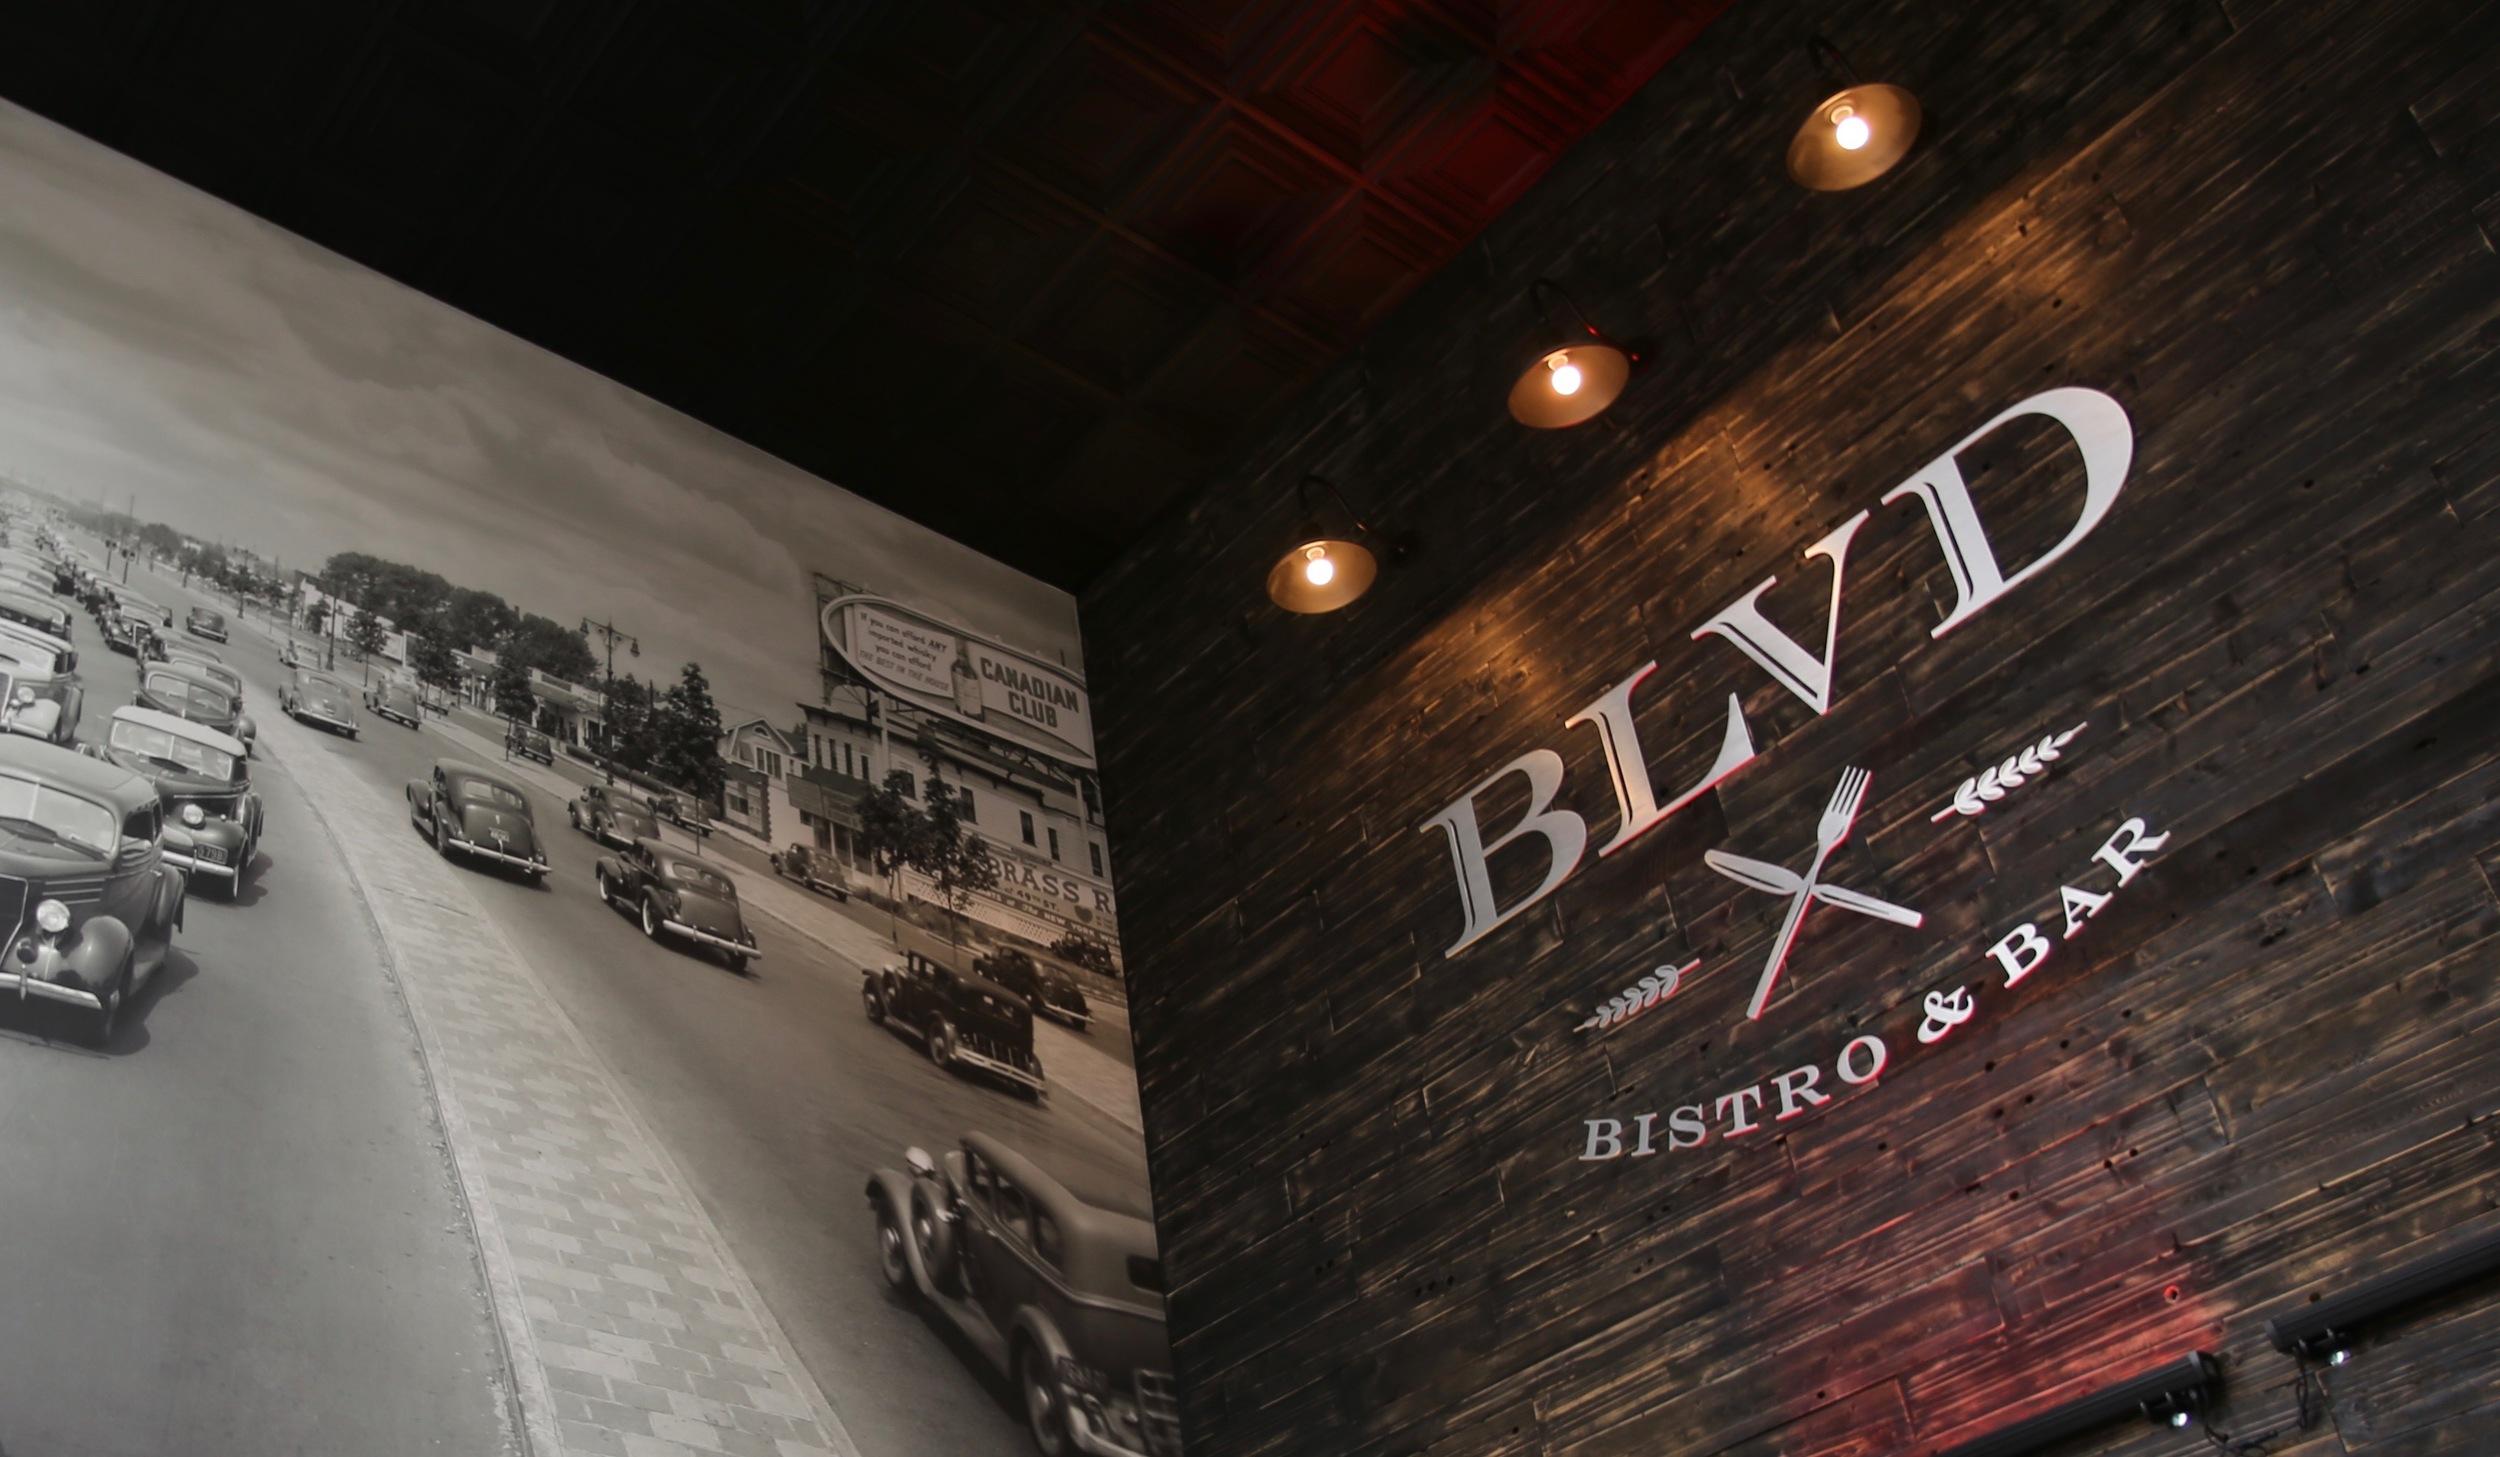 Wyndham Garden LaGuardia South BLVD Bistro & Bar